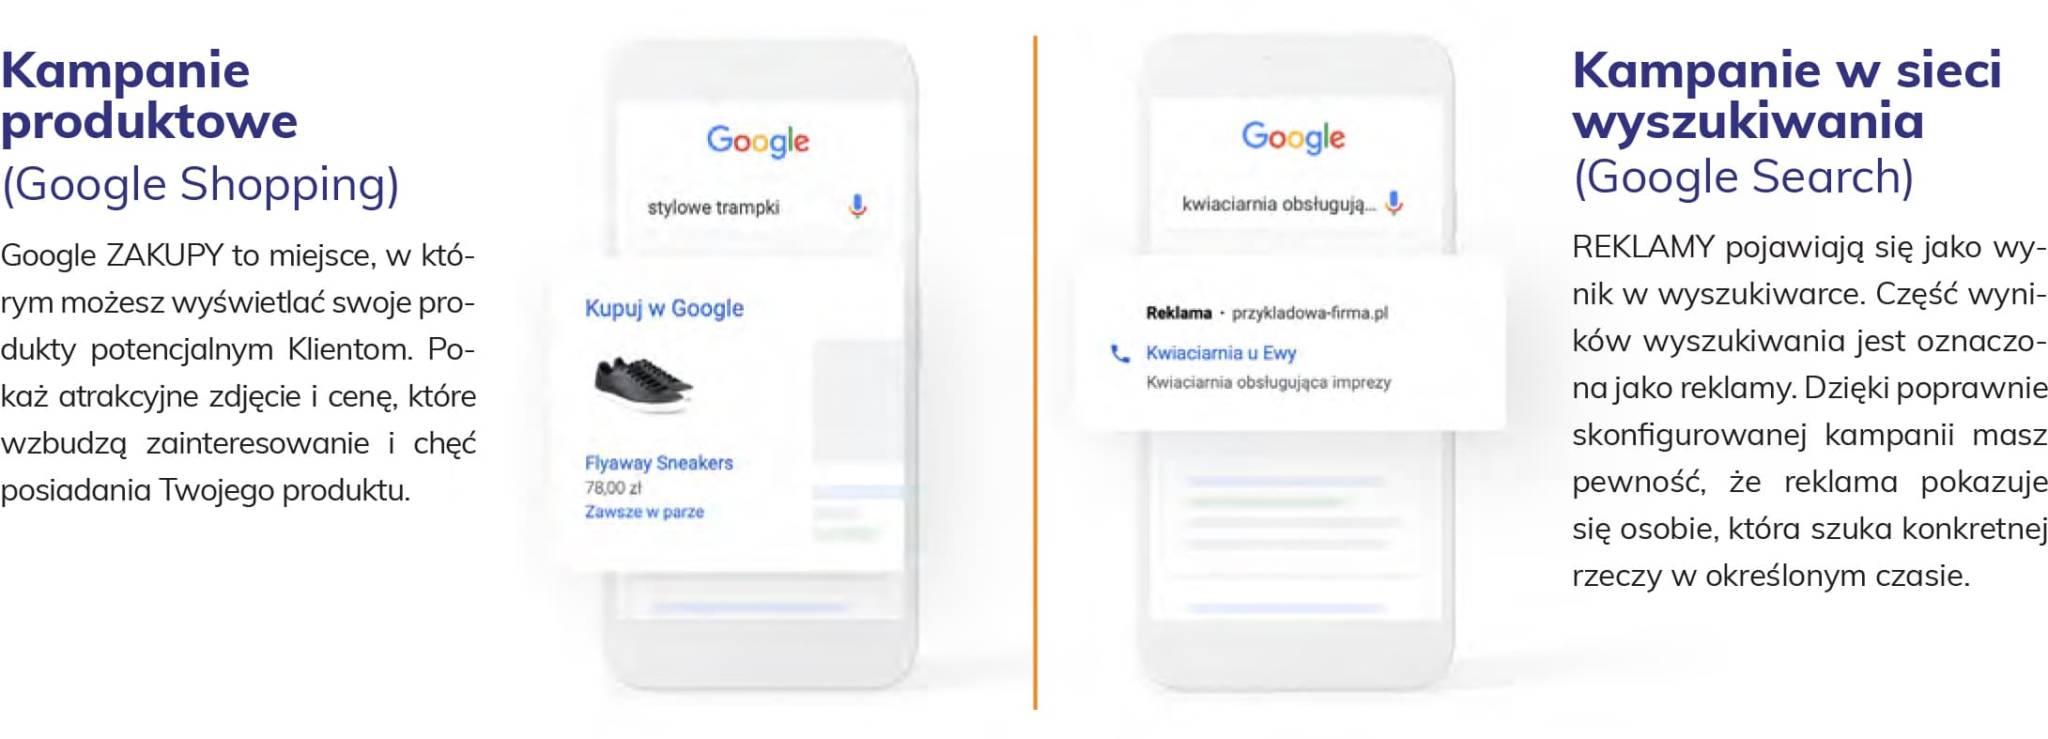 Charakterystyka kampanii produktowych i w sieci wyszukiwania